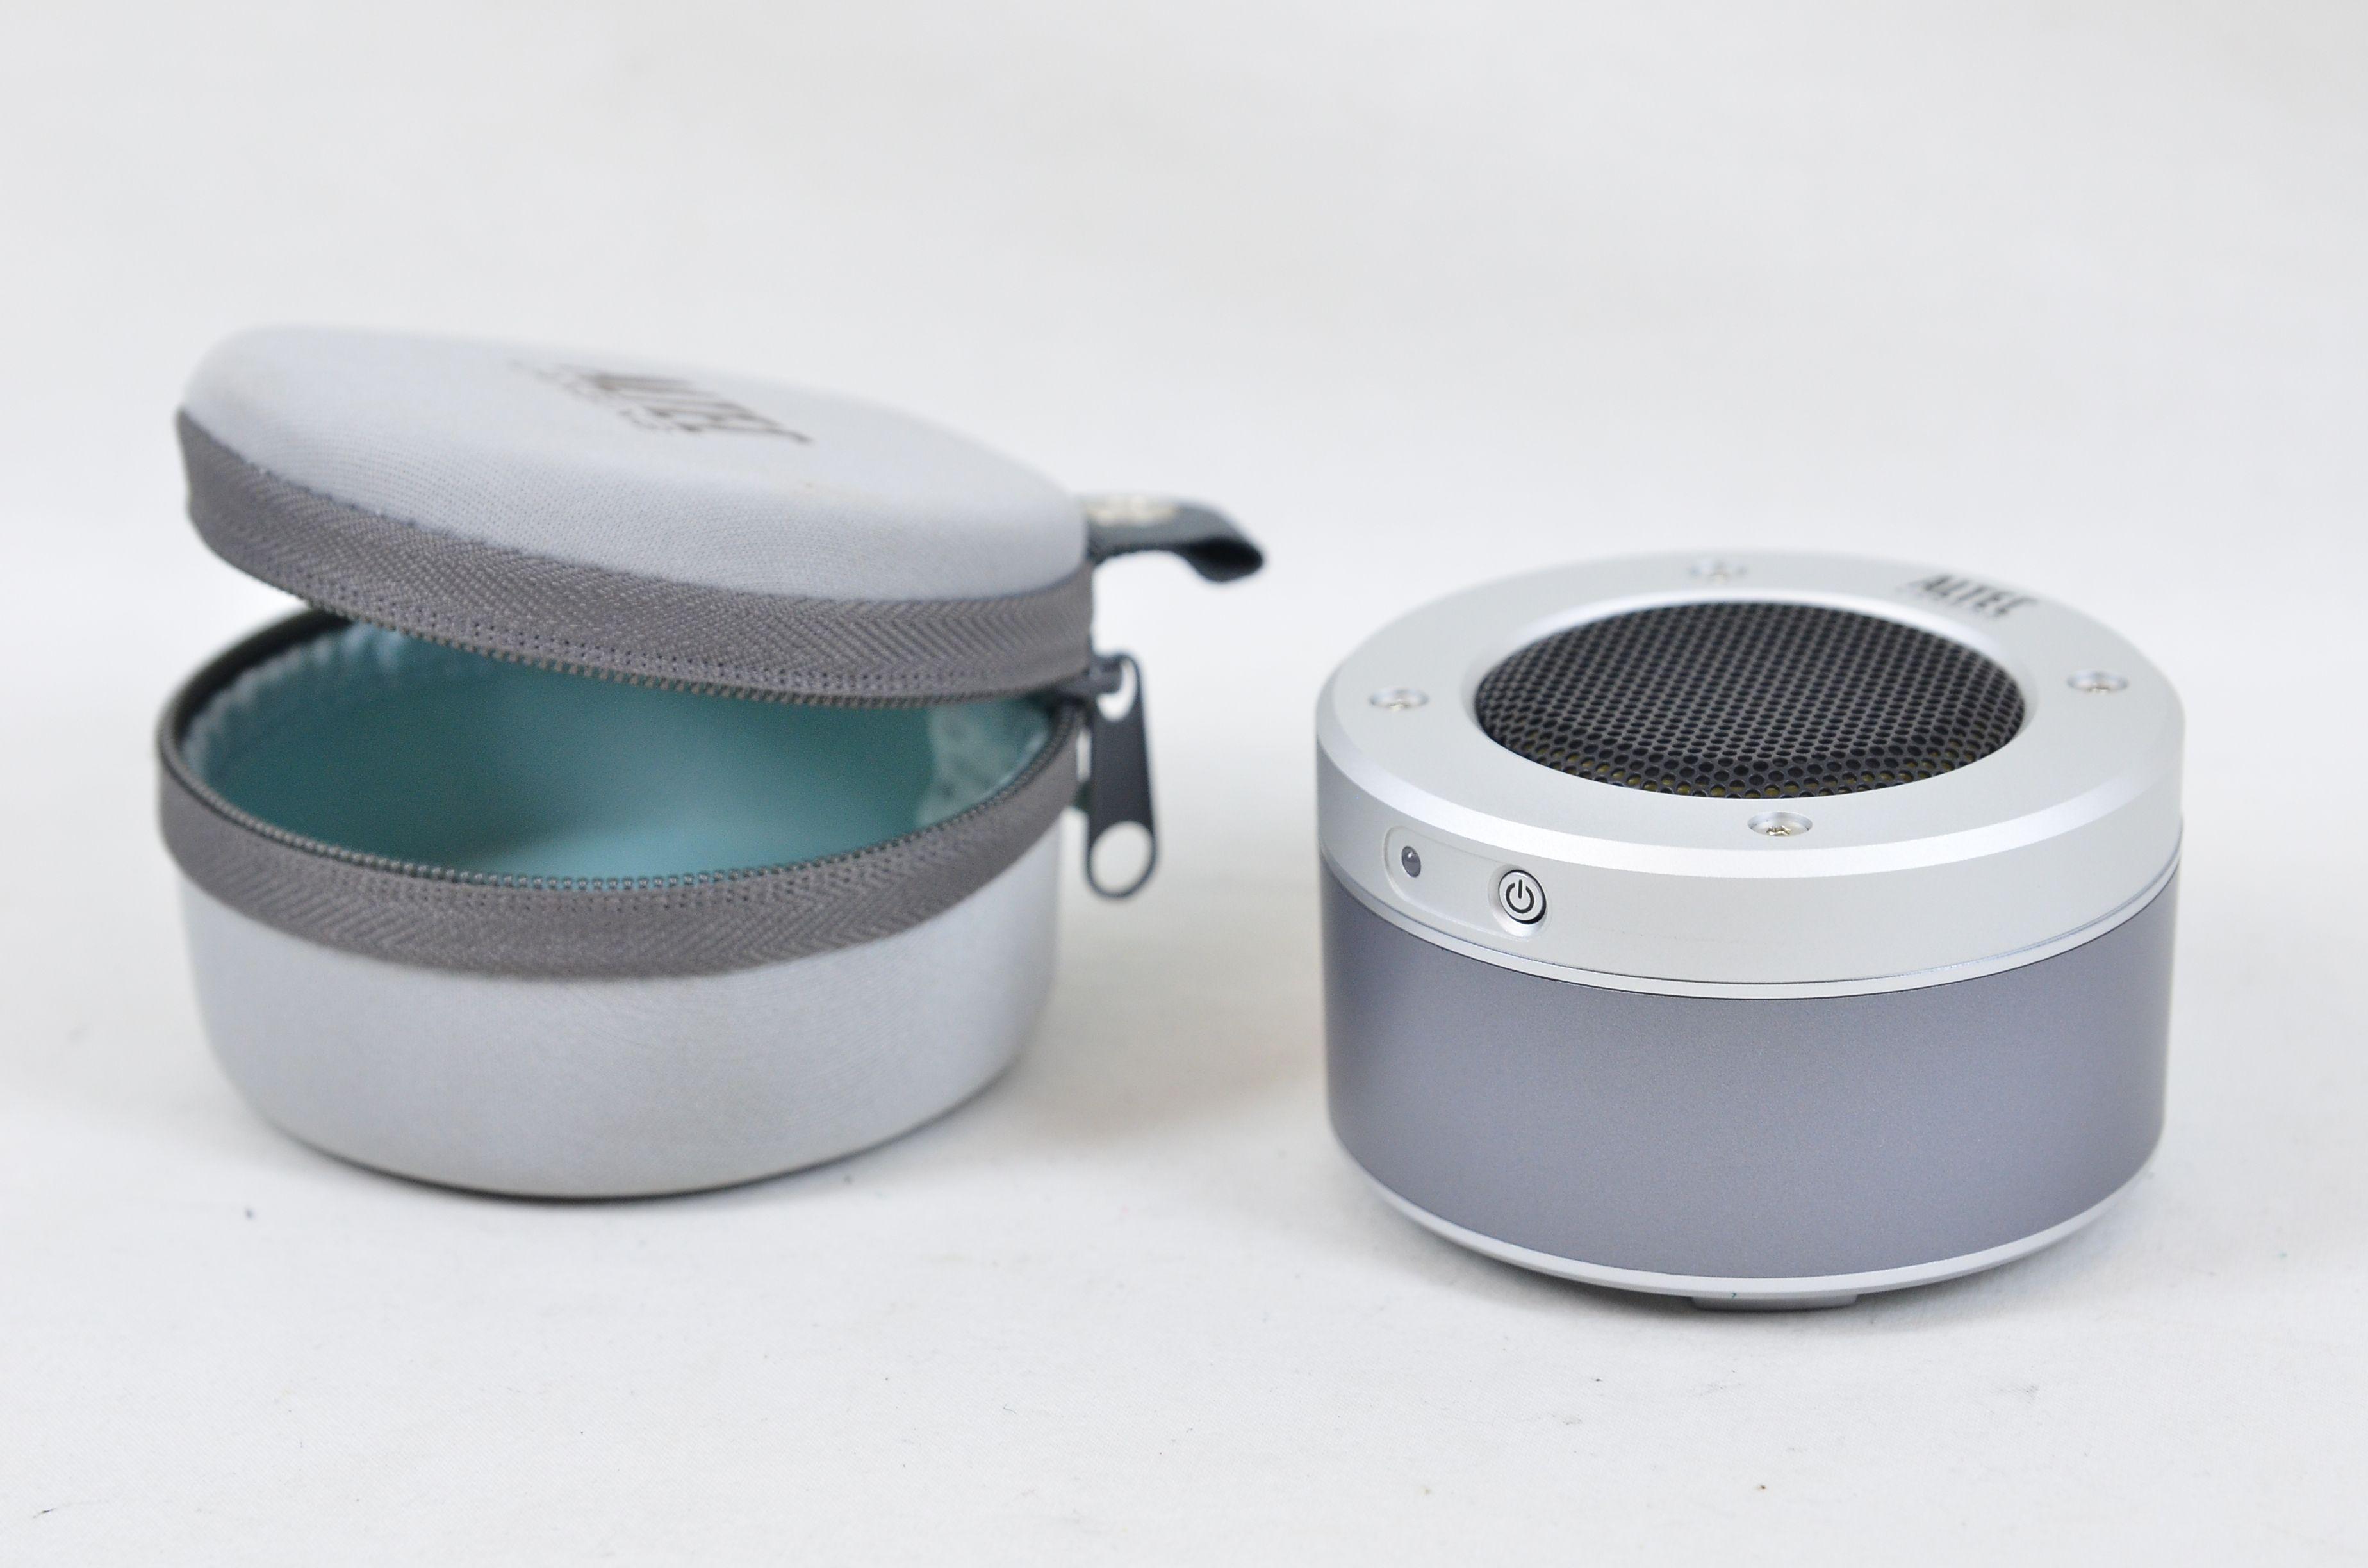 Altec Lansing iM-237 Orbit Portable Speaker for MP3 Players - Silver 1